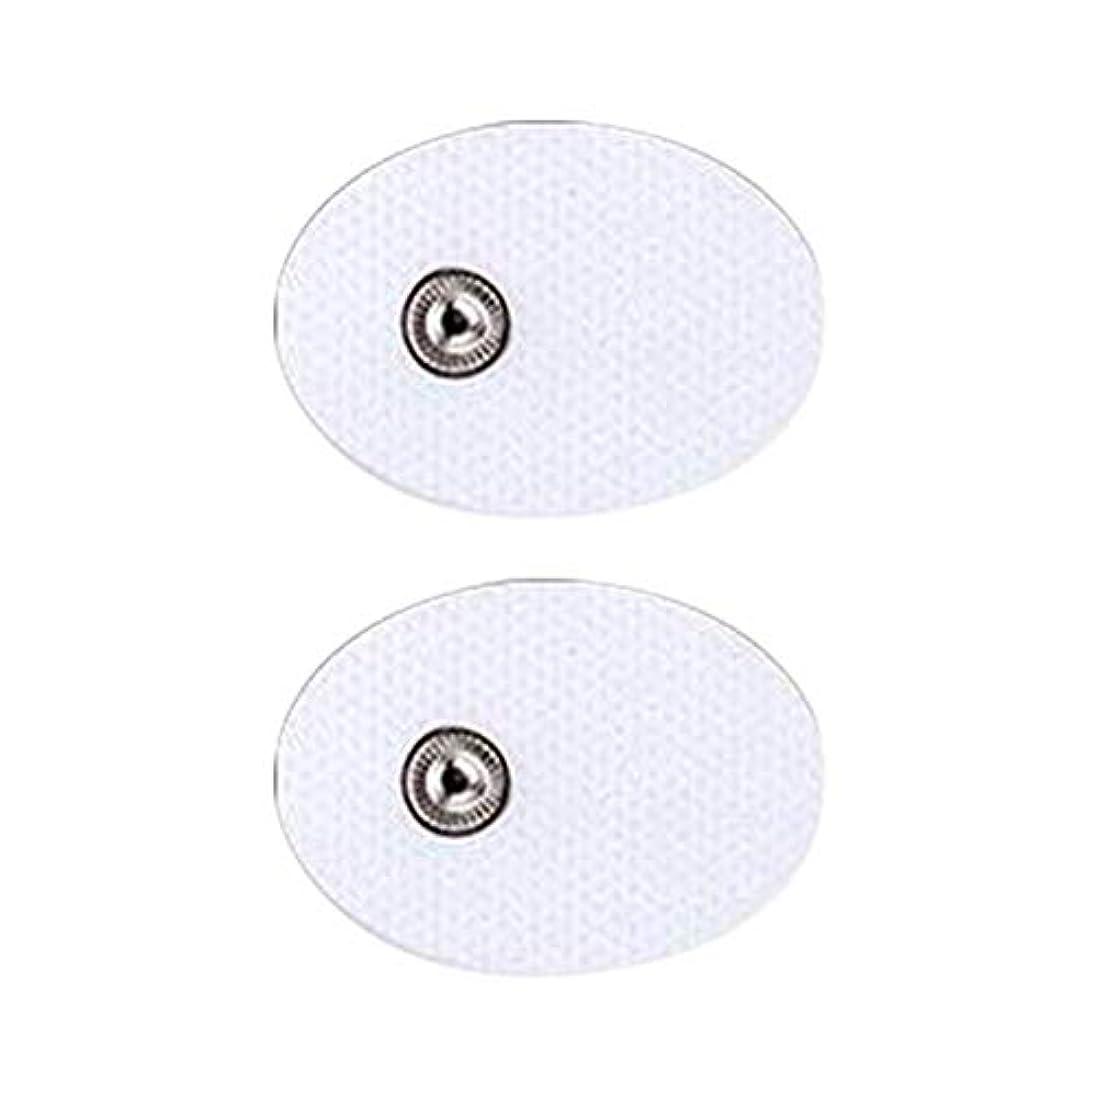 マント性格状電気TENS 低周波治療器 交換用パッド 迅速で効果的に痛み緩和治療デバイス 全身用電気デジタルパルス刺激マッサージャー 2個 /セット (2A)